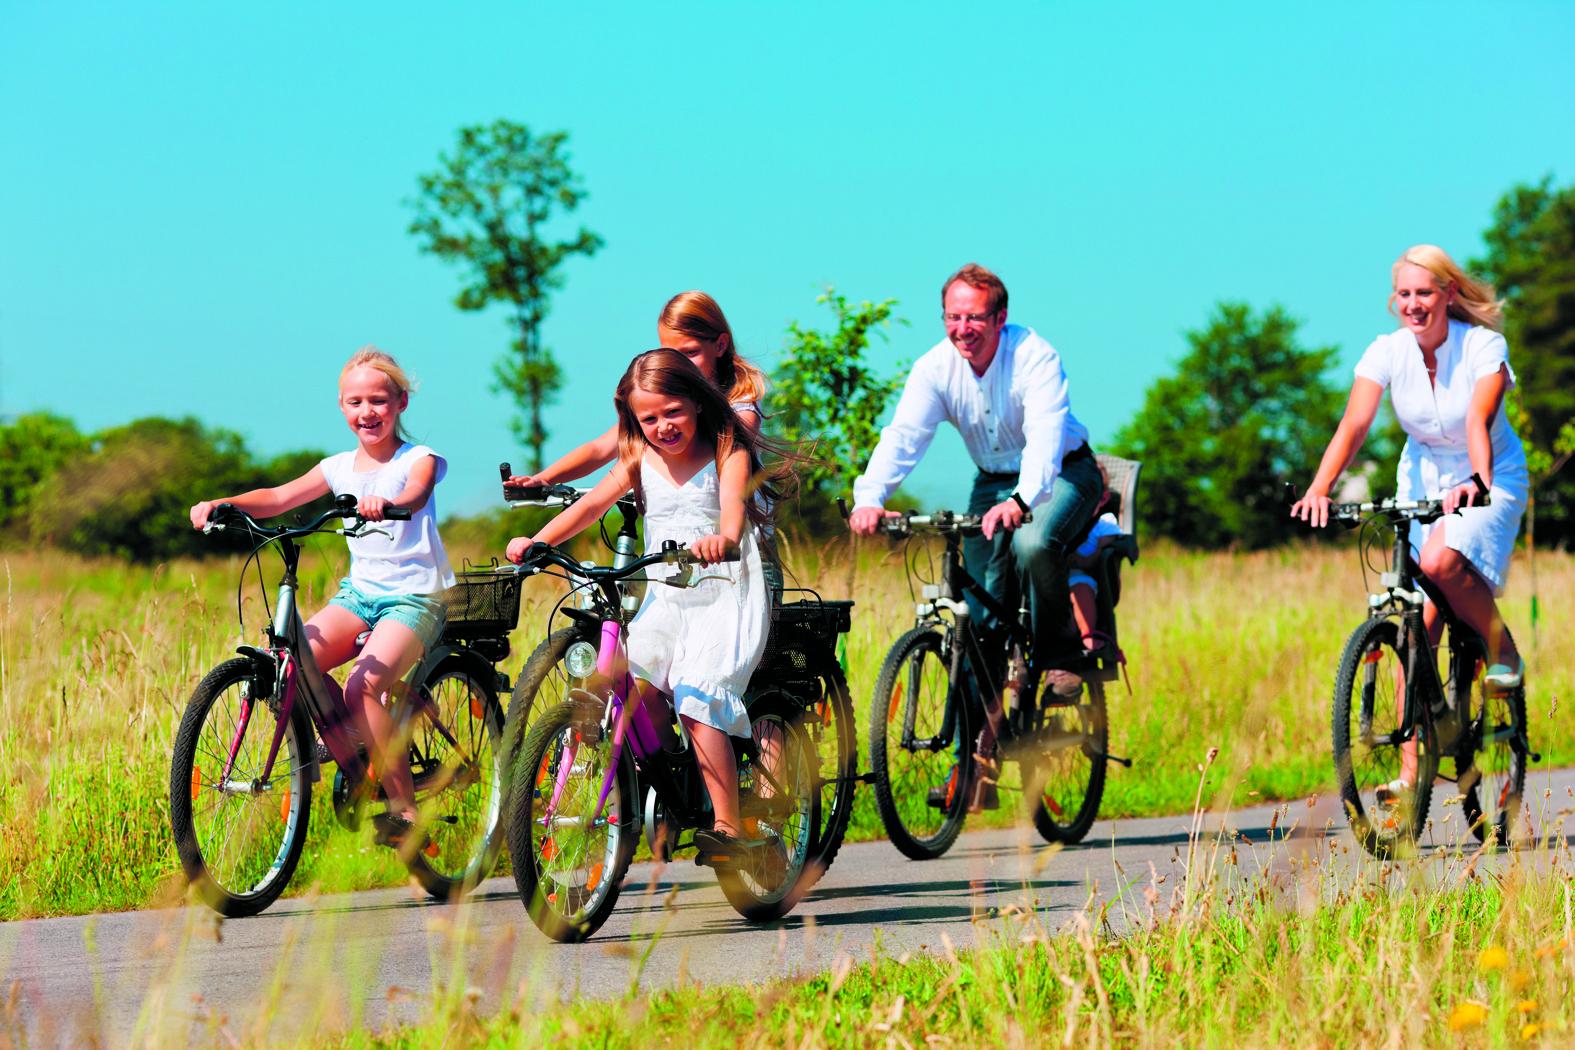 Stap op de fiets en ontdek West-Friesland op zijn mooist. (Foto: archief Rodi Media)